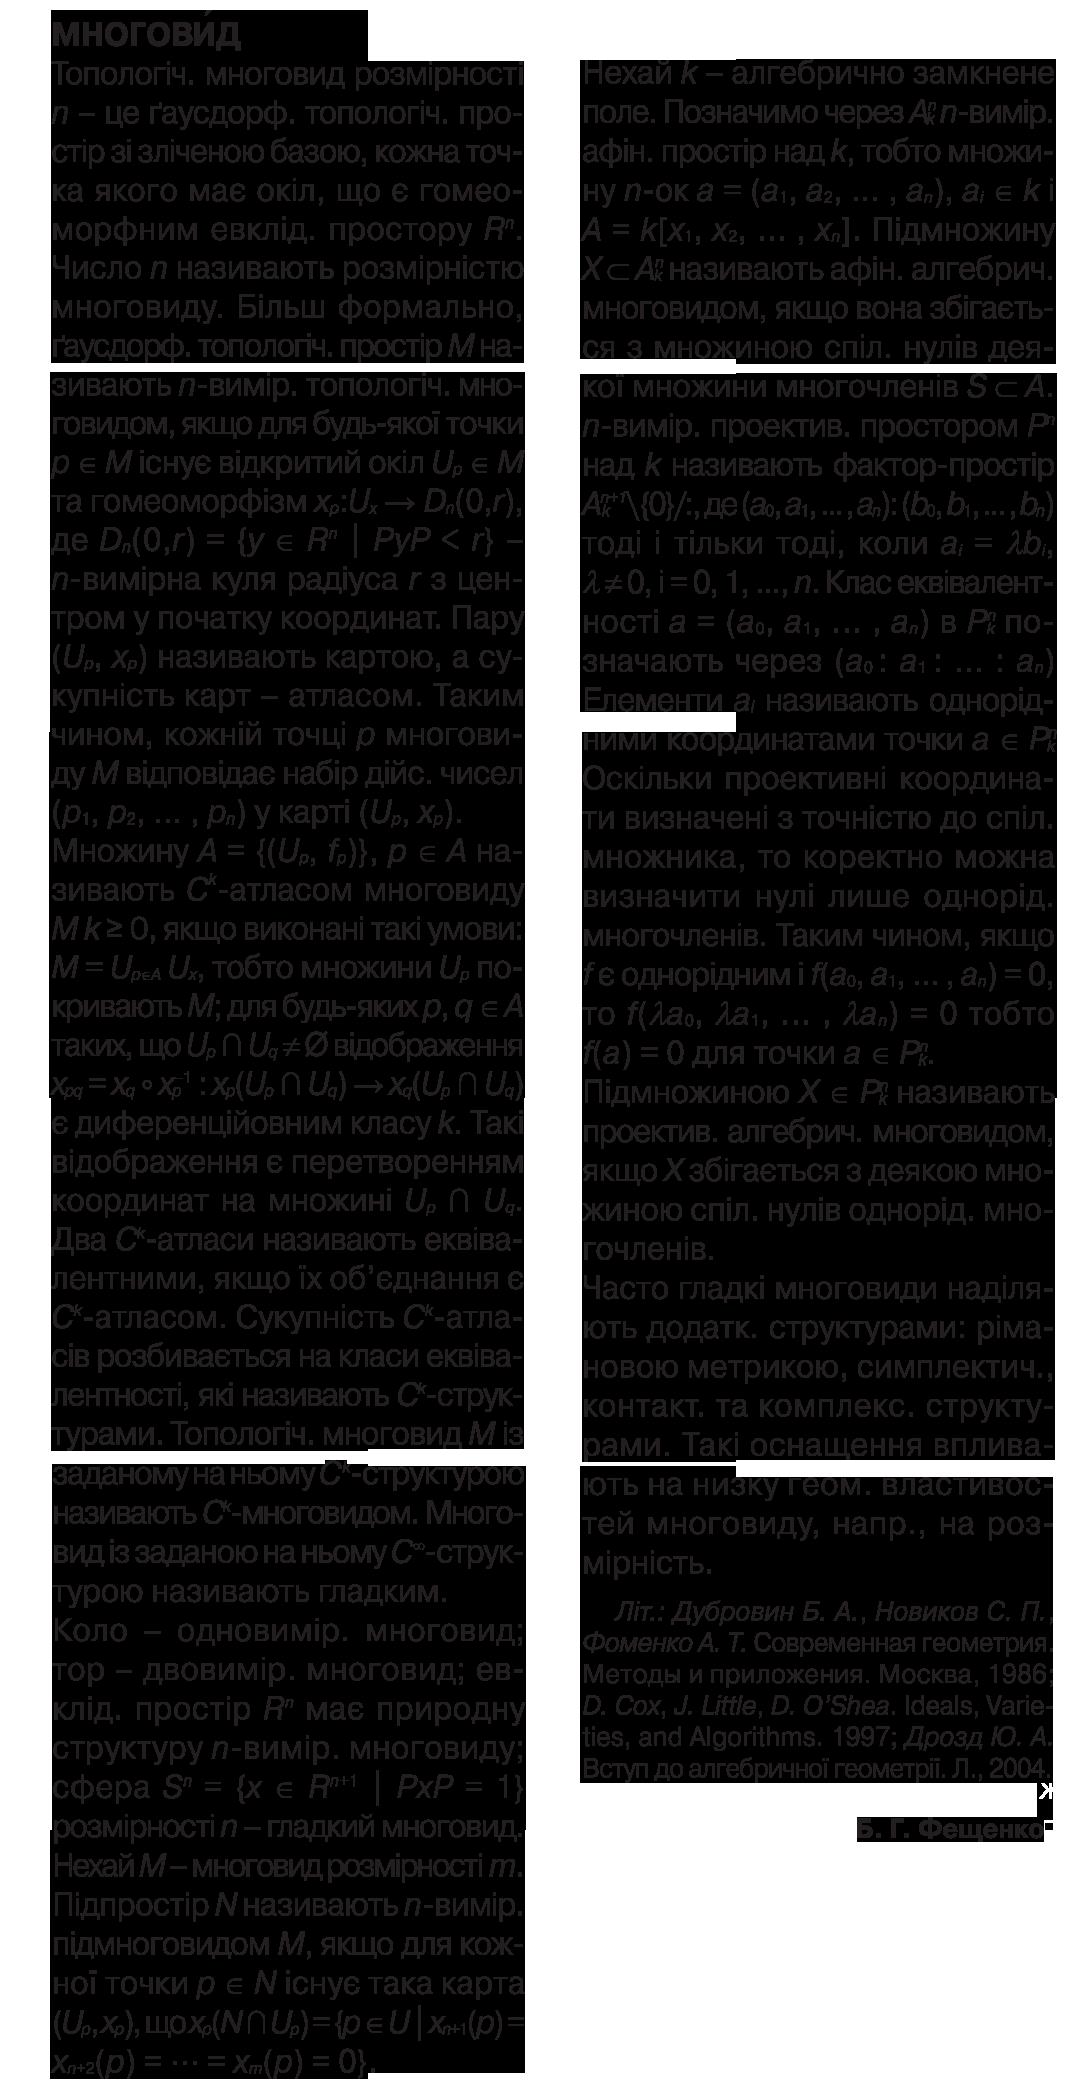 многовид | Енциклопедія Сучасної України